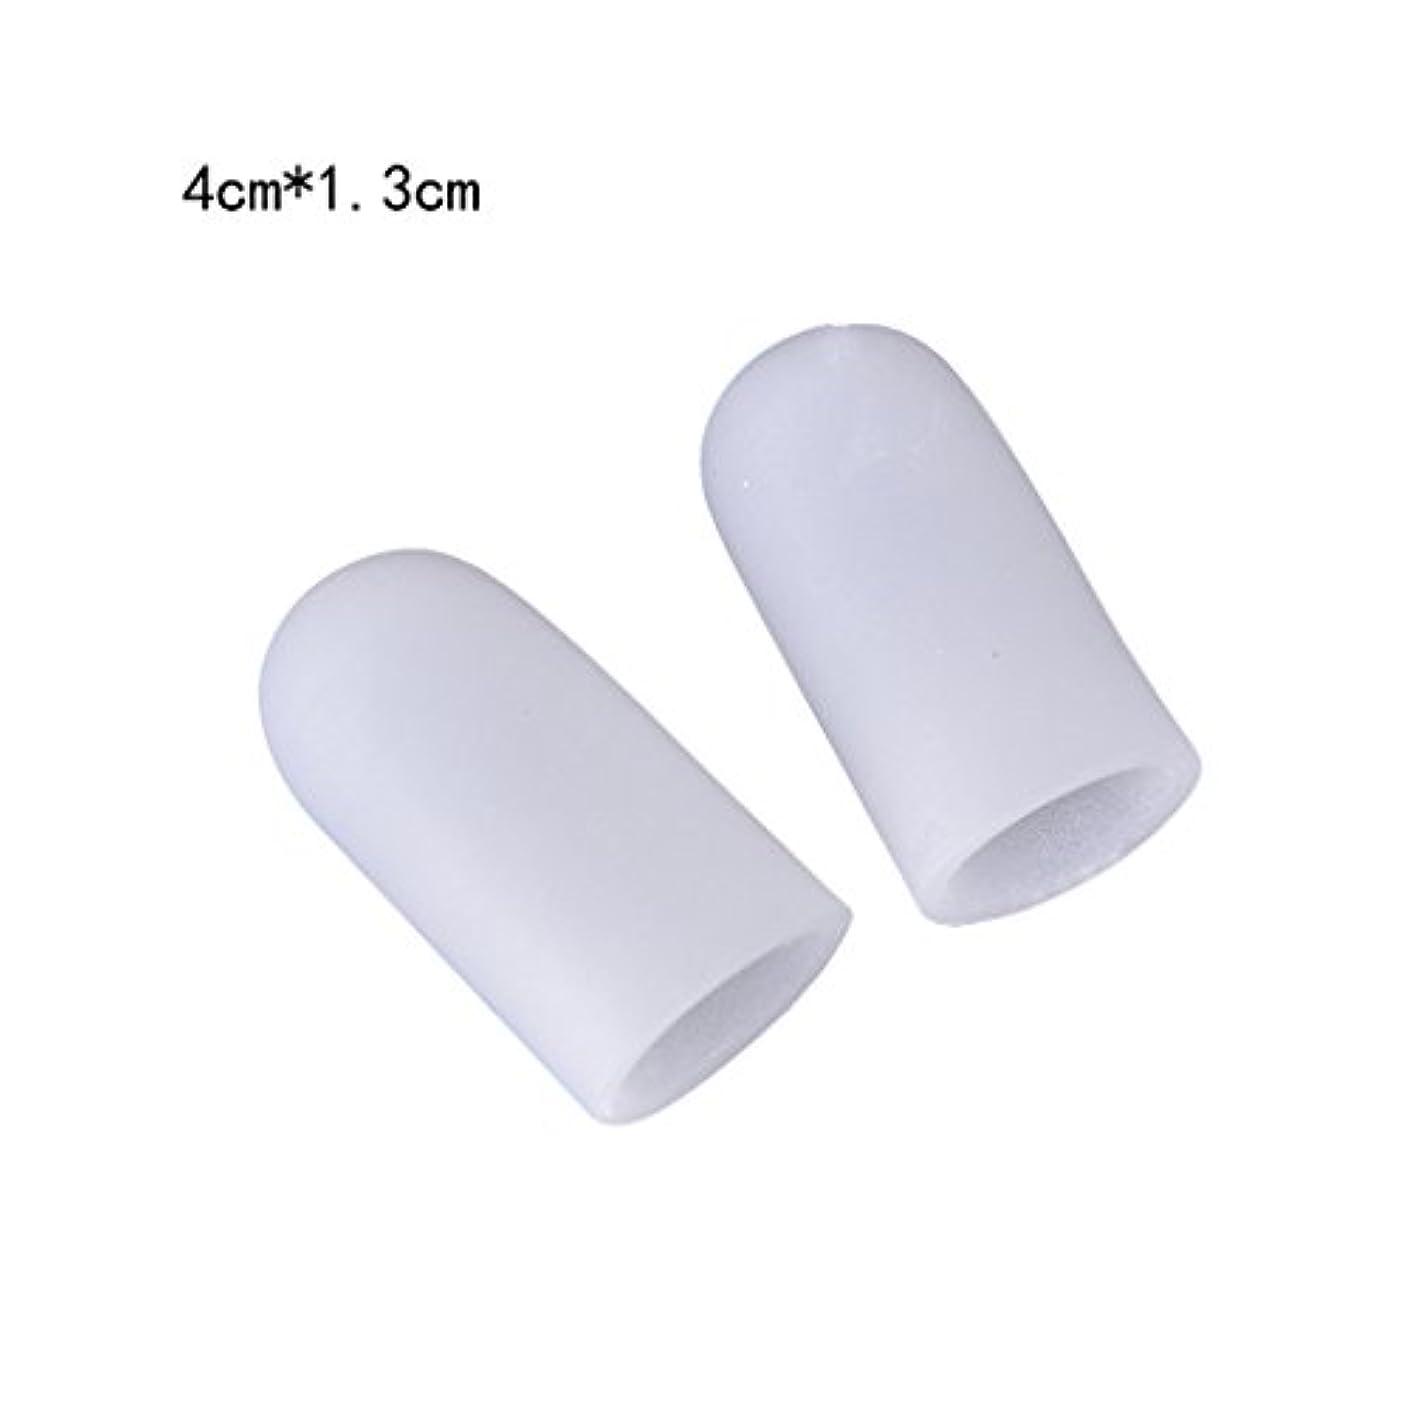 アトラスマットエゴマニアYOKEL 足指保護キャップ つま先プロテクター 足先のつめ保護キャップ シリコン (S)